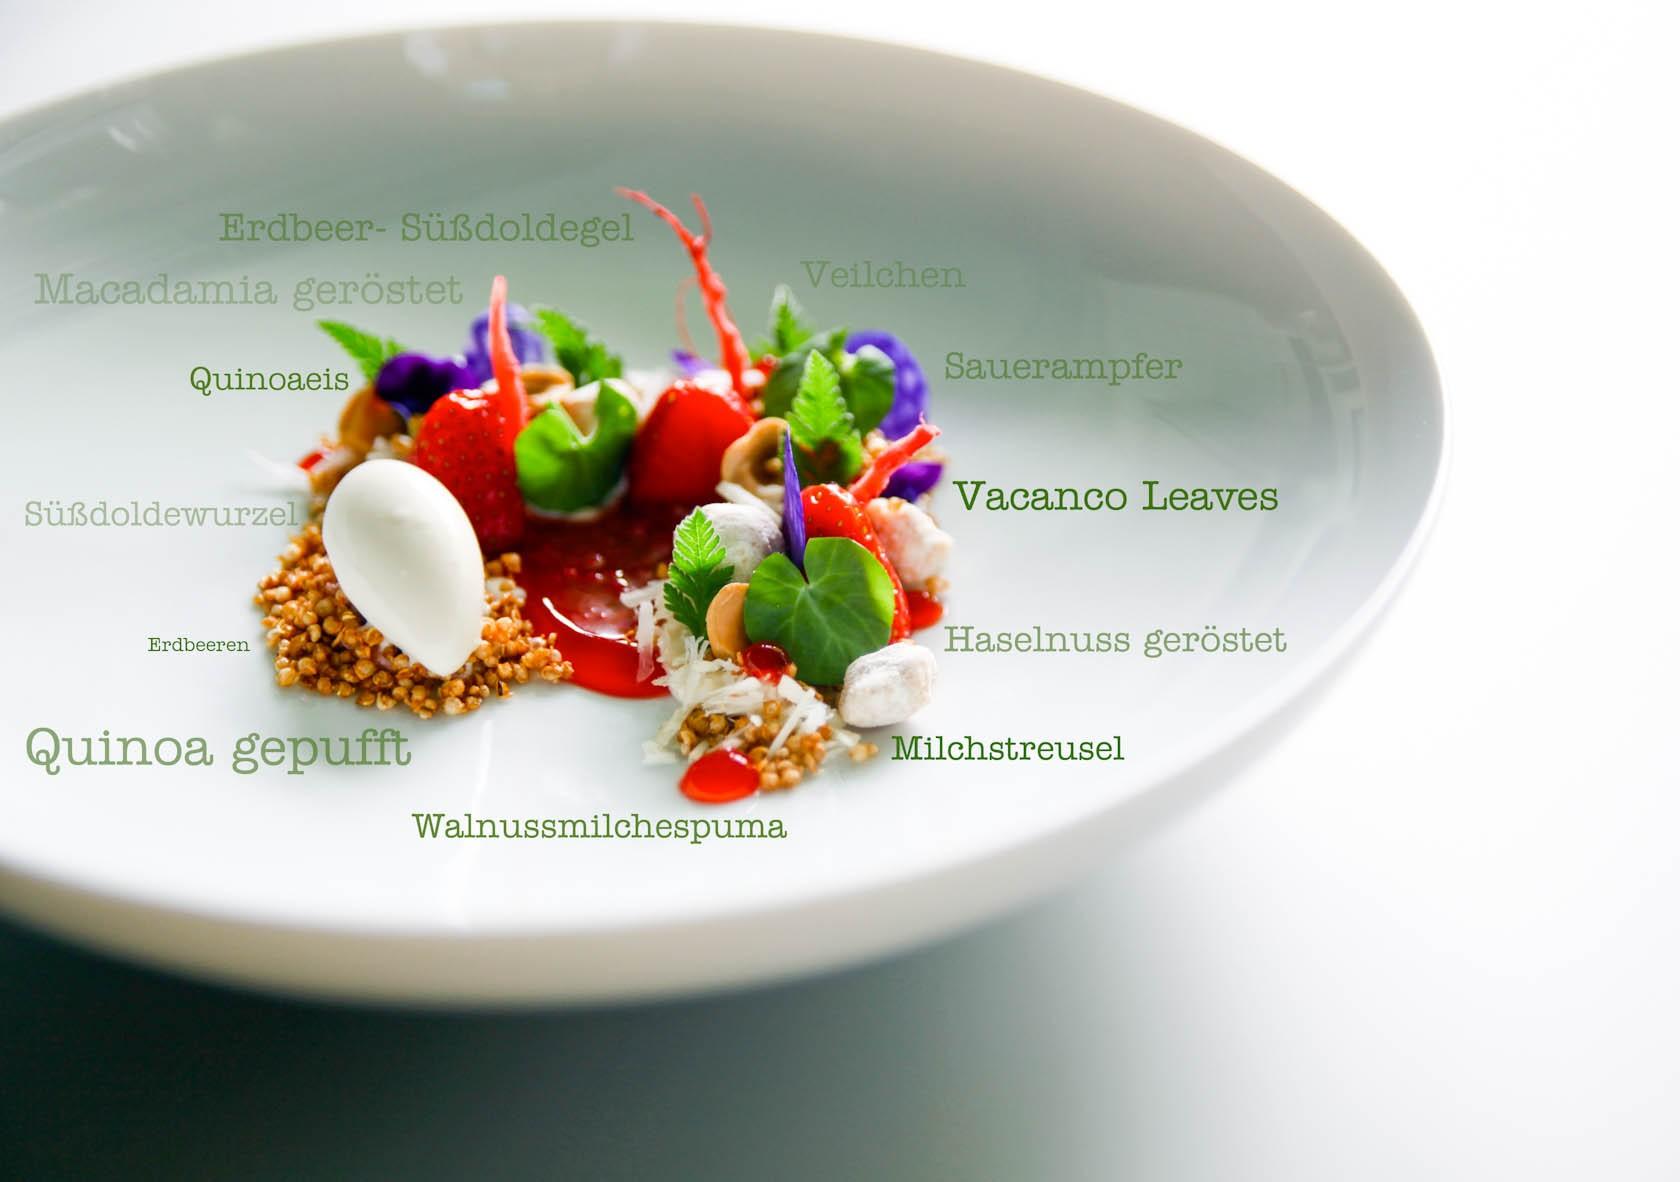 Erdbeer | Quinoa | Süßdolde